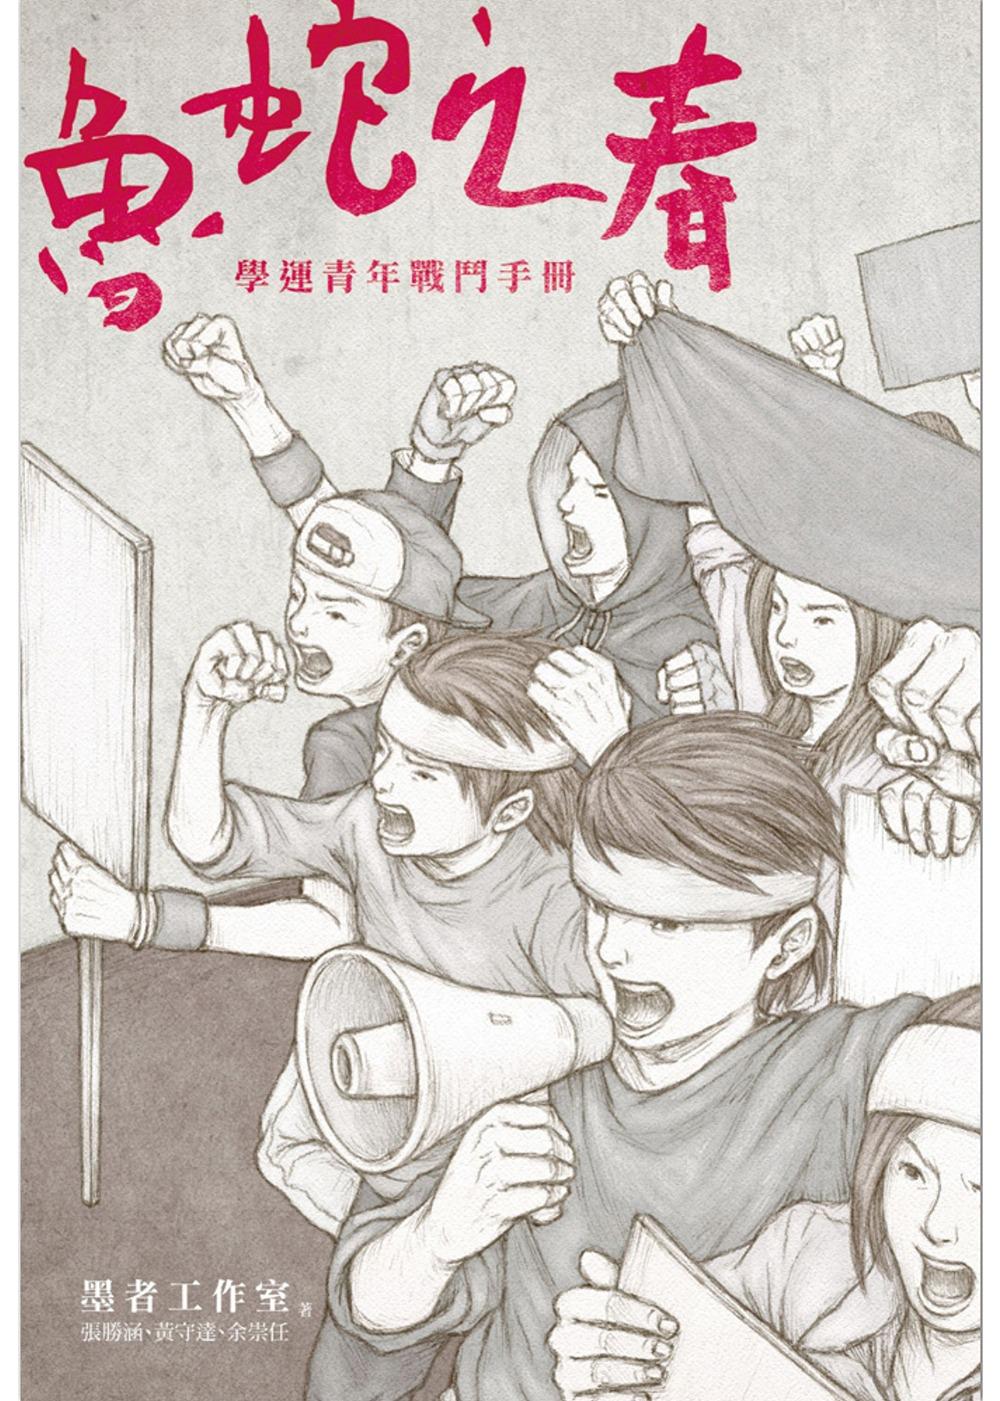 魯蛇之春:學運青年戰鬥手冊